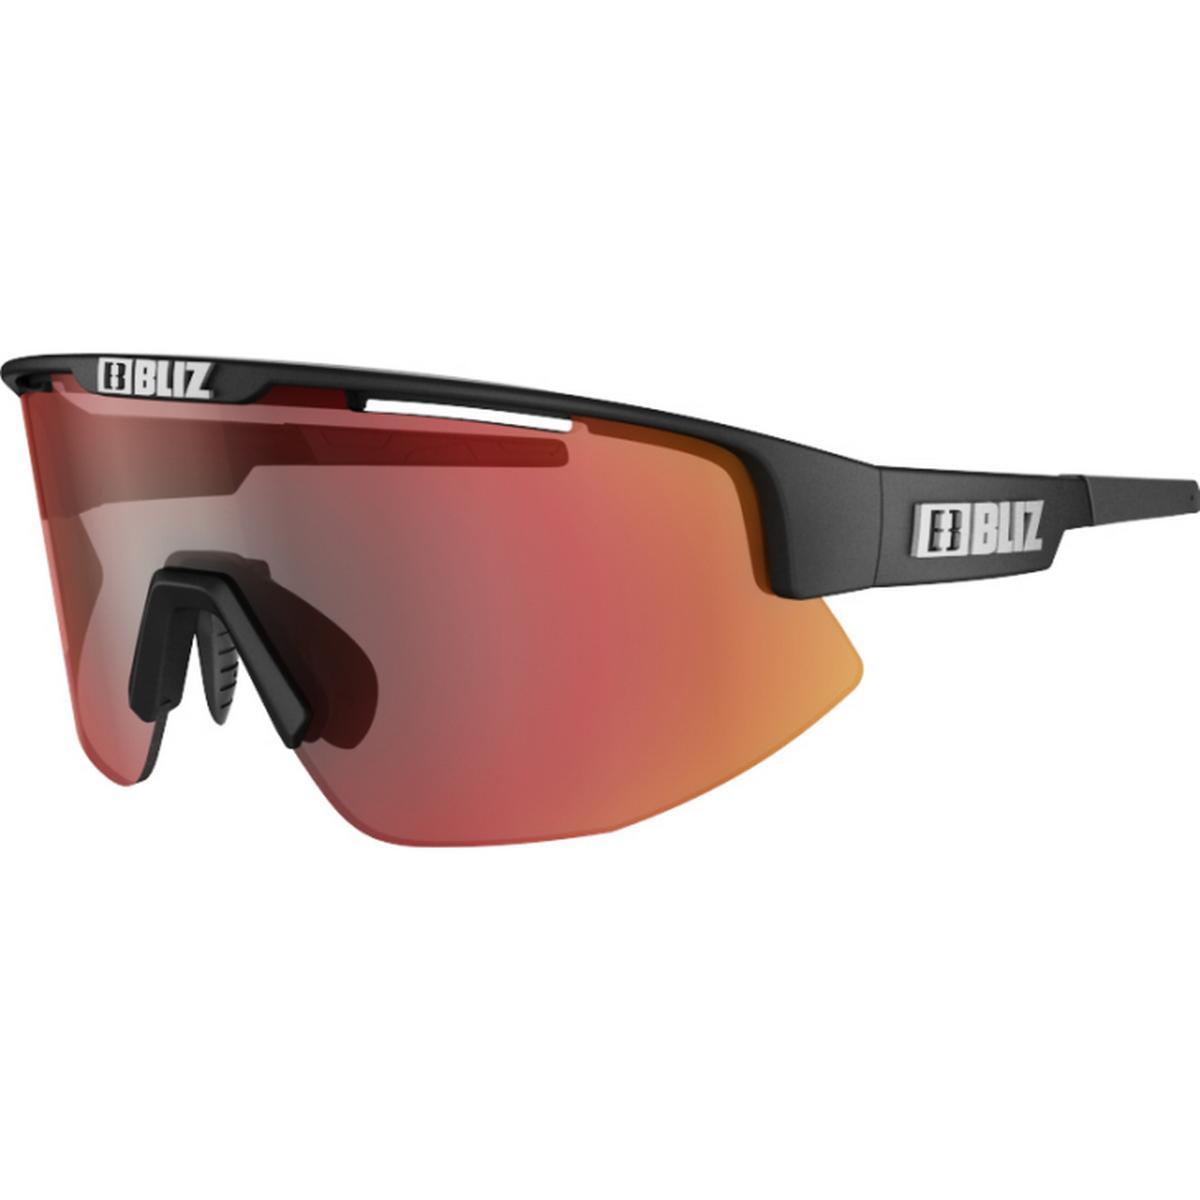 1b5f475b1208 Bliz UV-beskyttelse Solbriller - Sammenlign priser hos PriceRunner